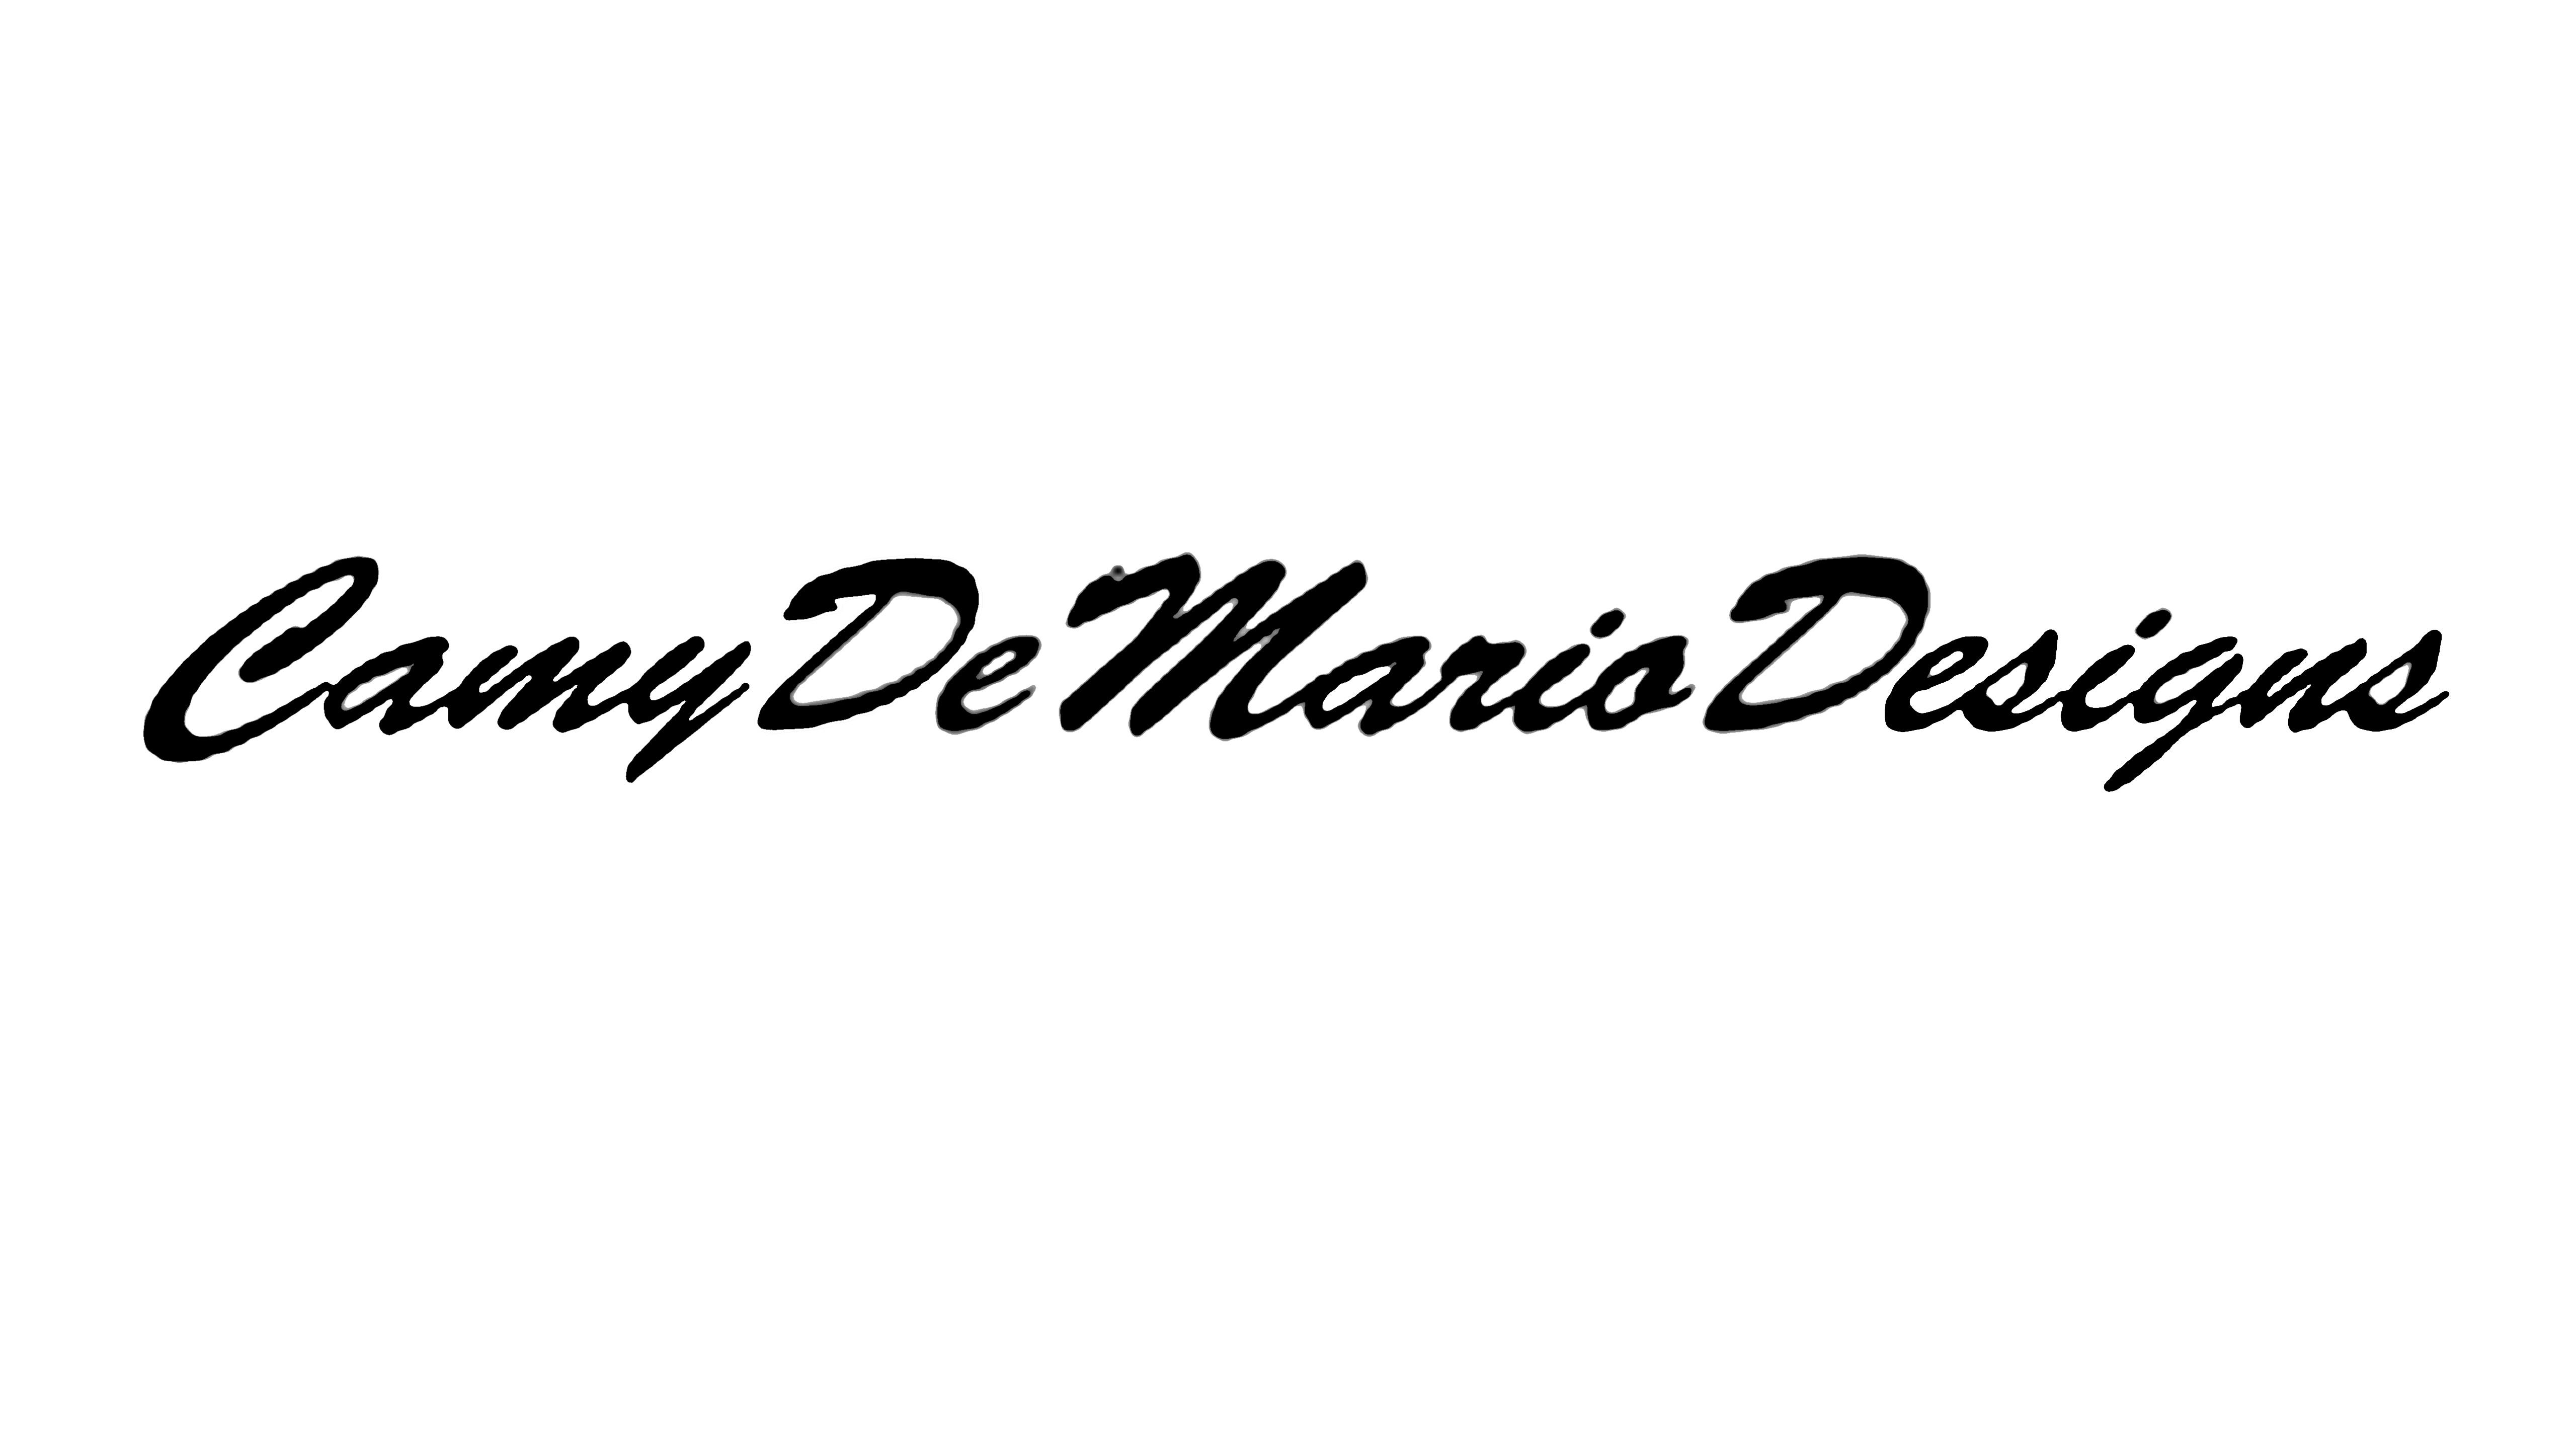 Camy De Mario Signature